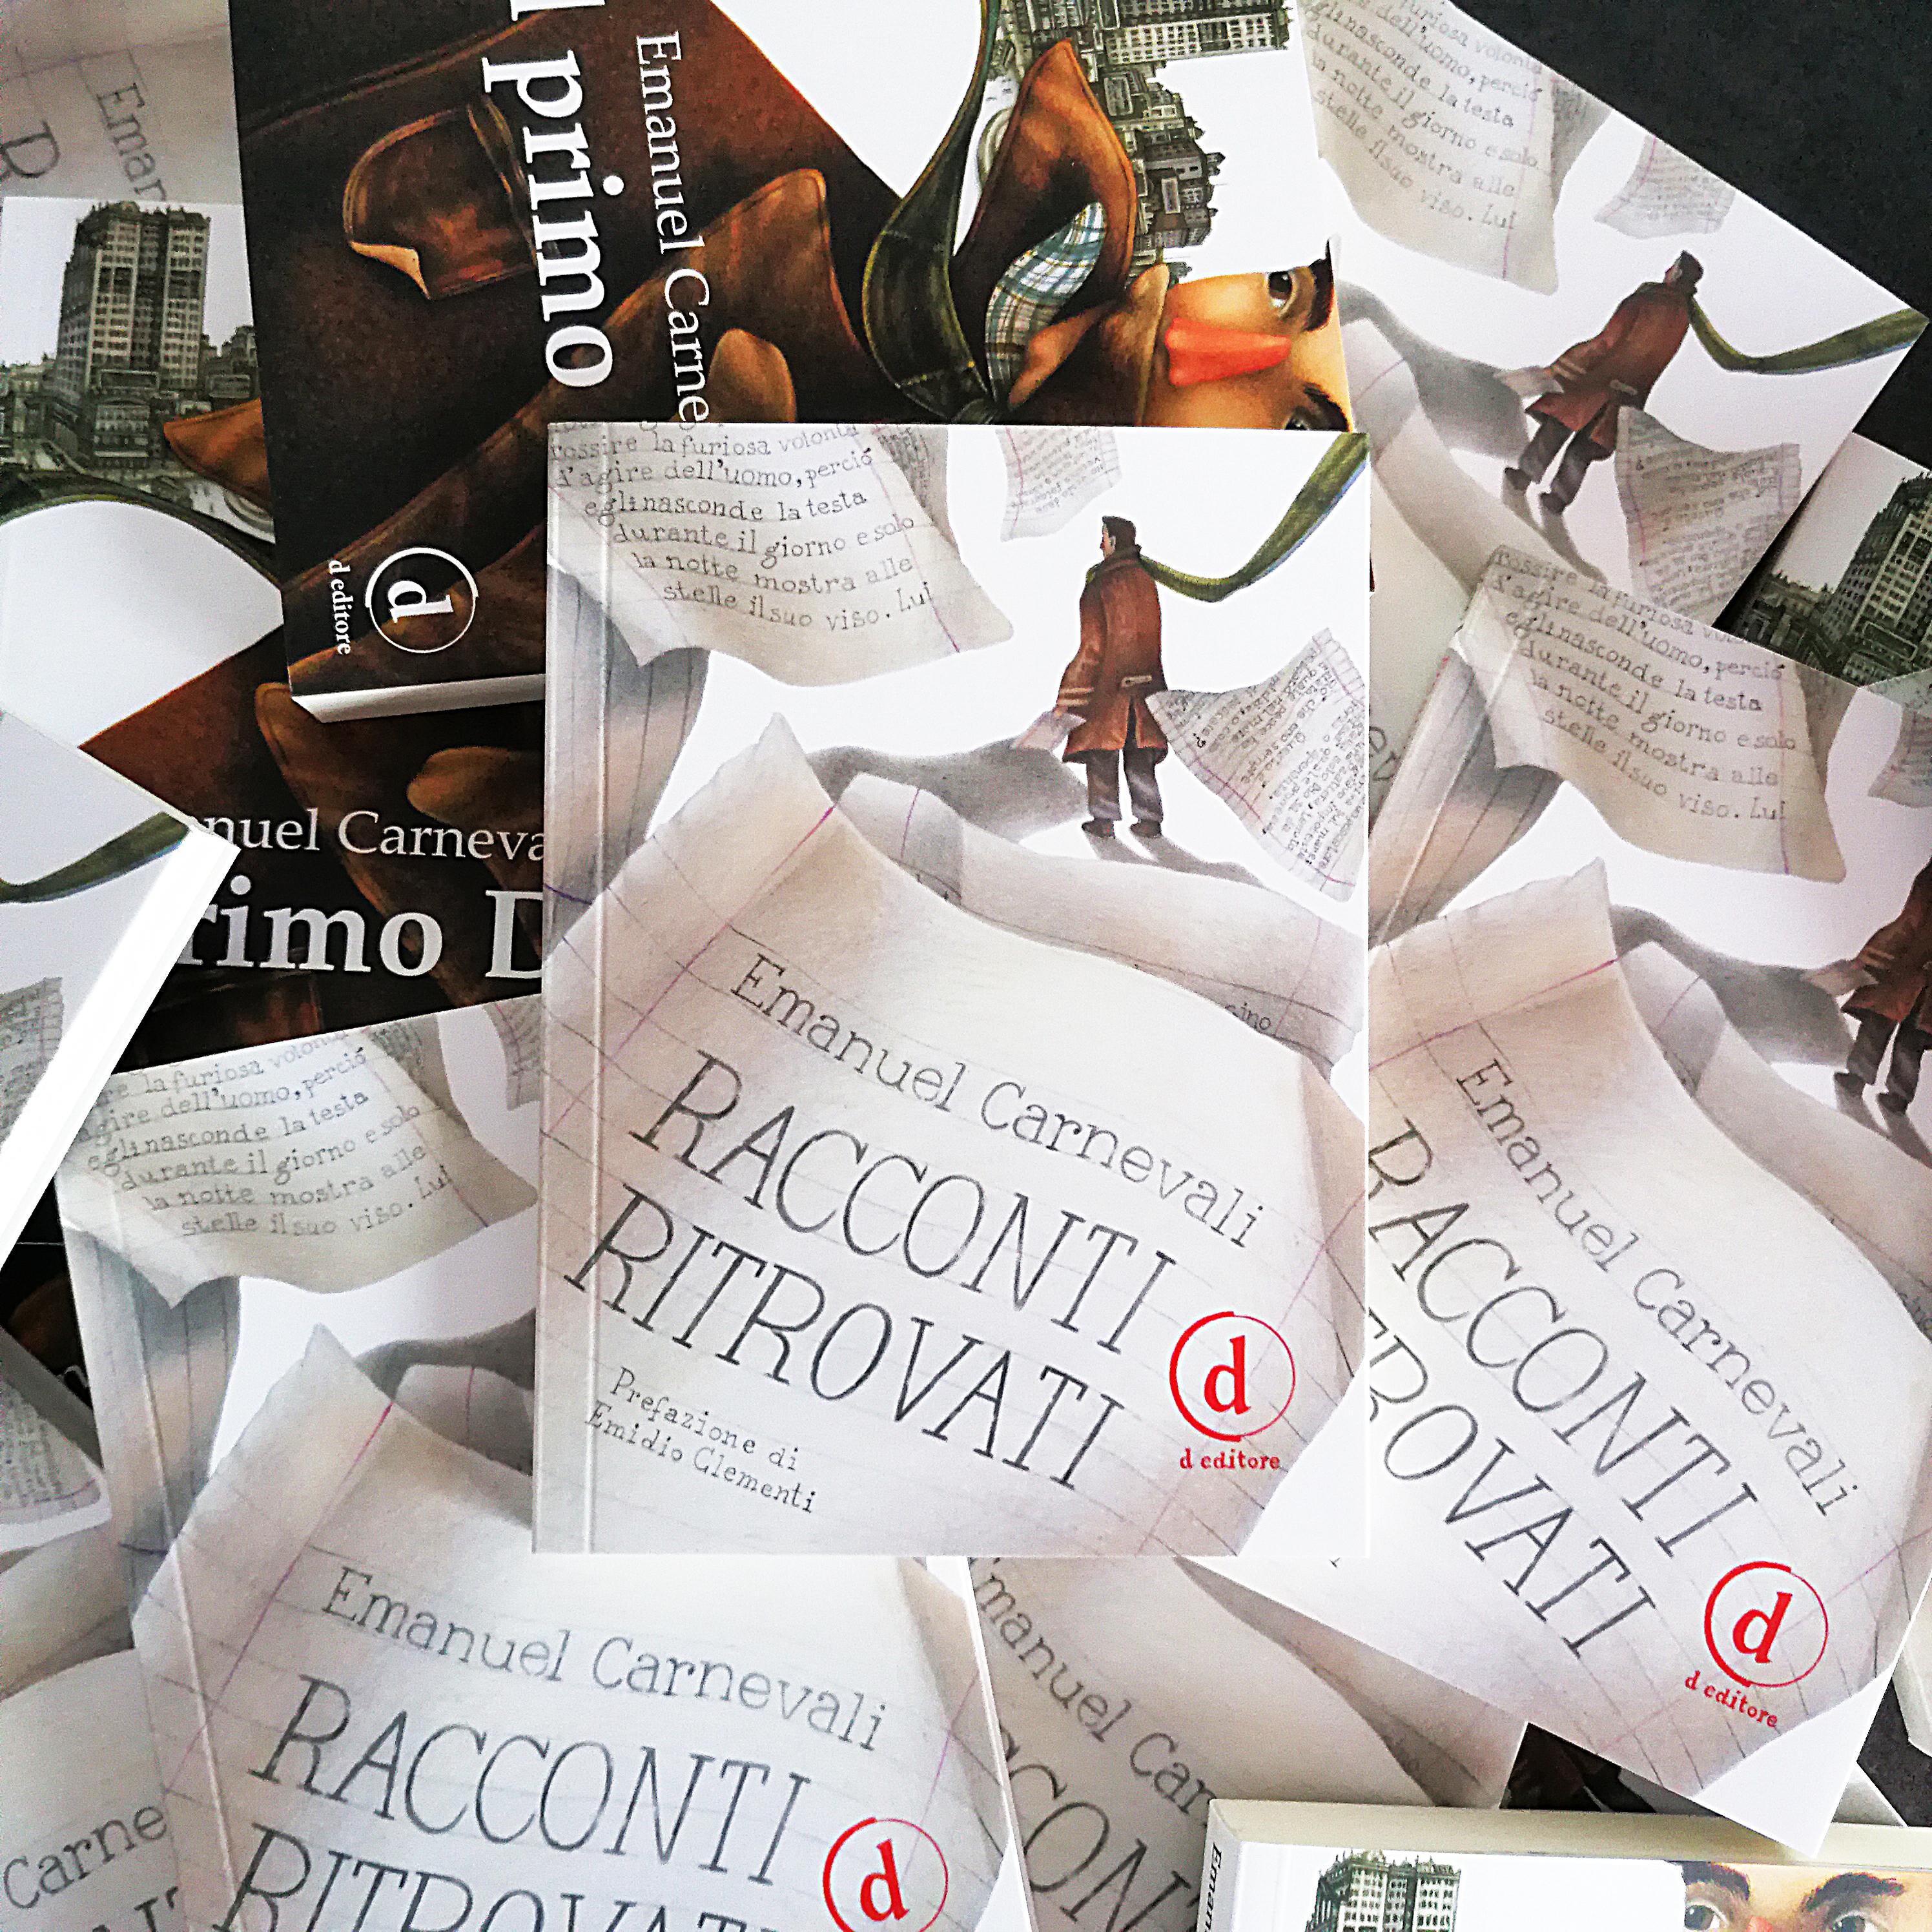 """Ladispoli: """"Racconti Ritrovati"""" di Emanuel Carnevali Sabato 16 Novembre - L'agone"""